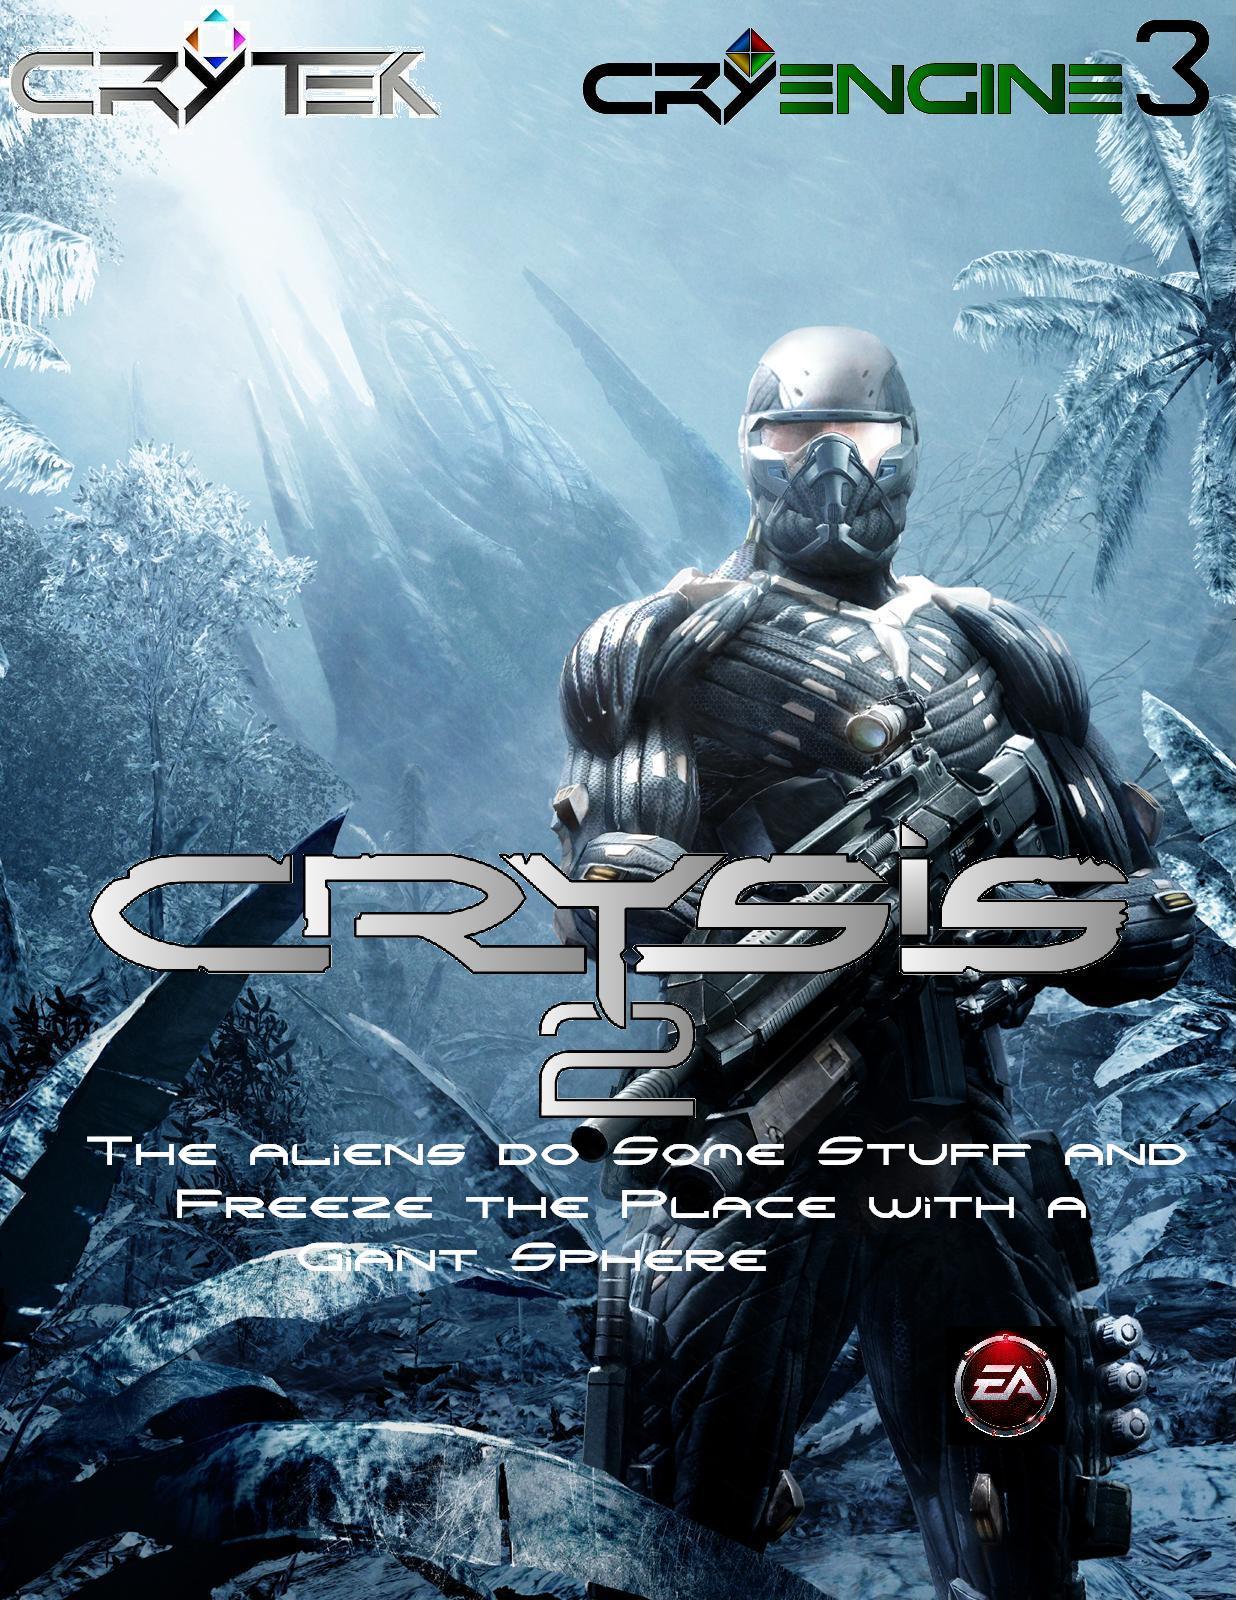 crysis2xk5